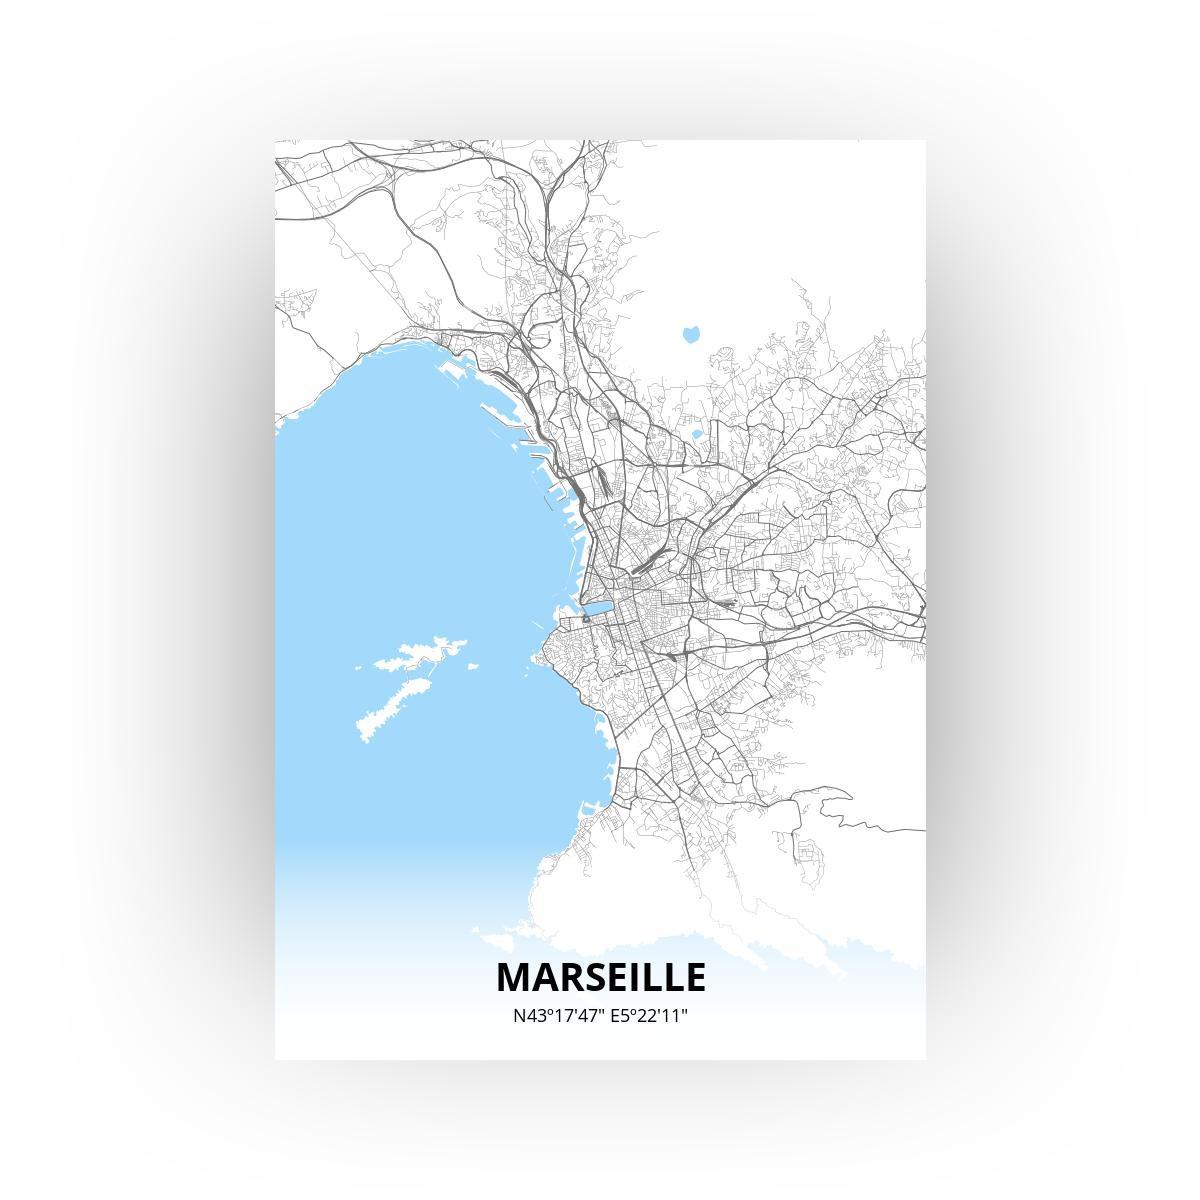 Marseille poster - Zelf aan te passen!